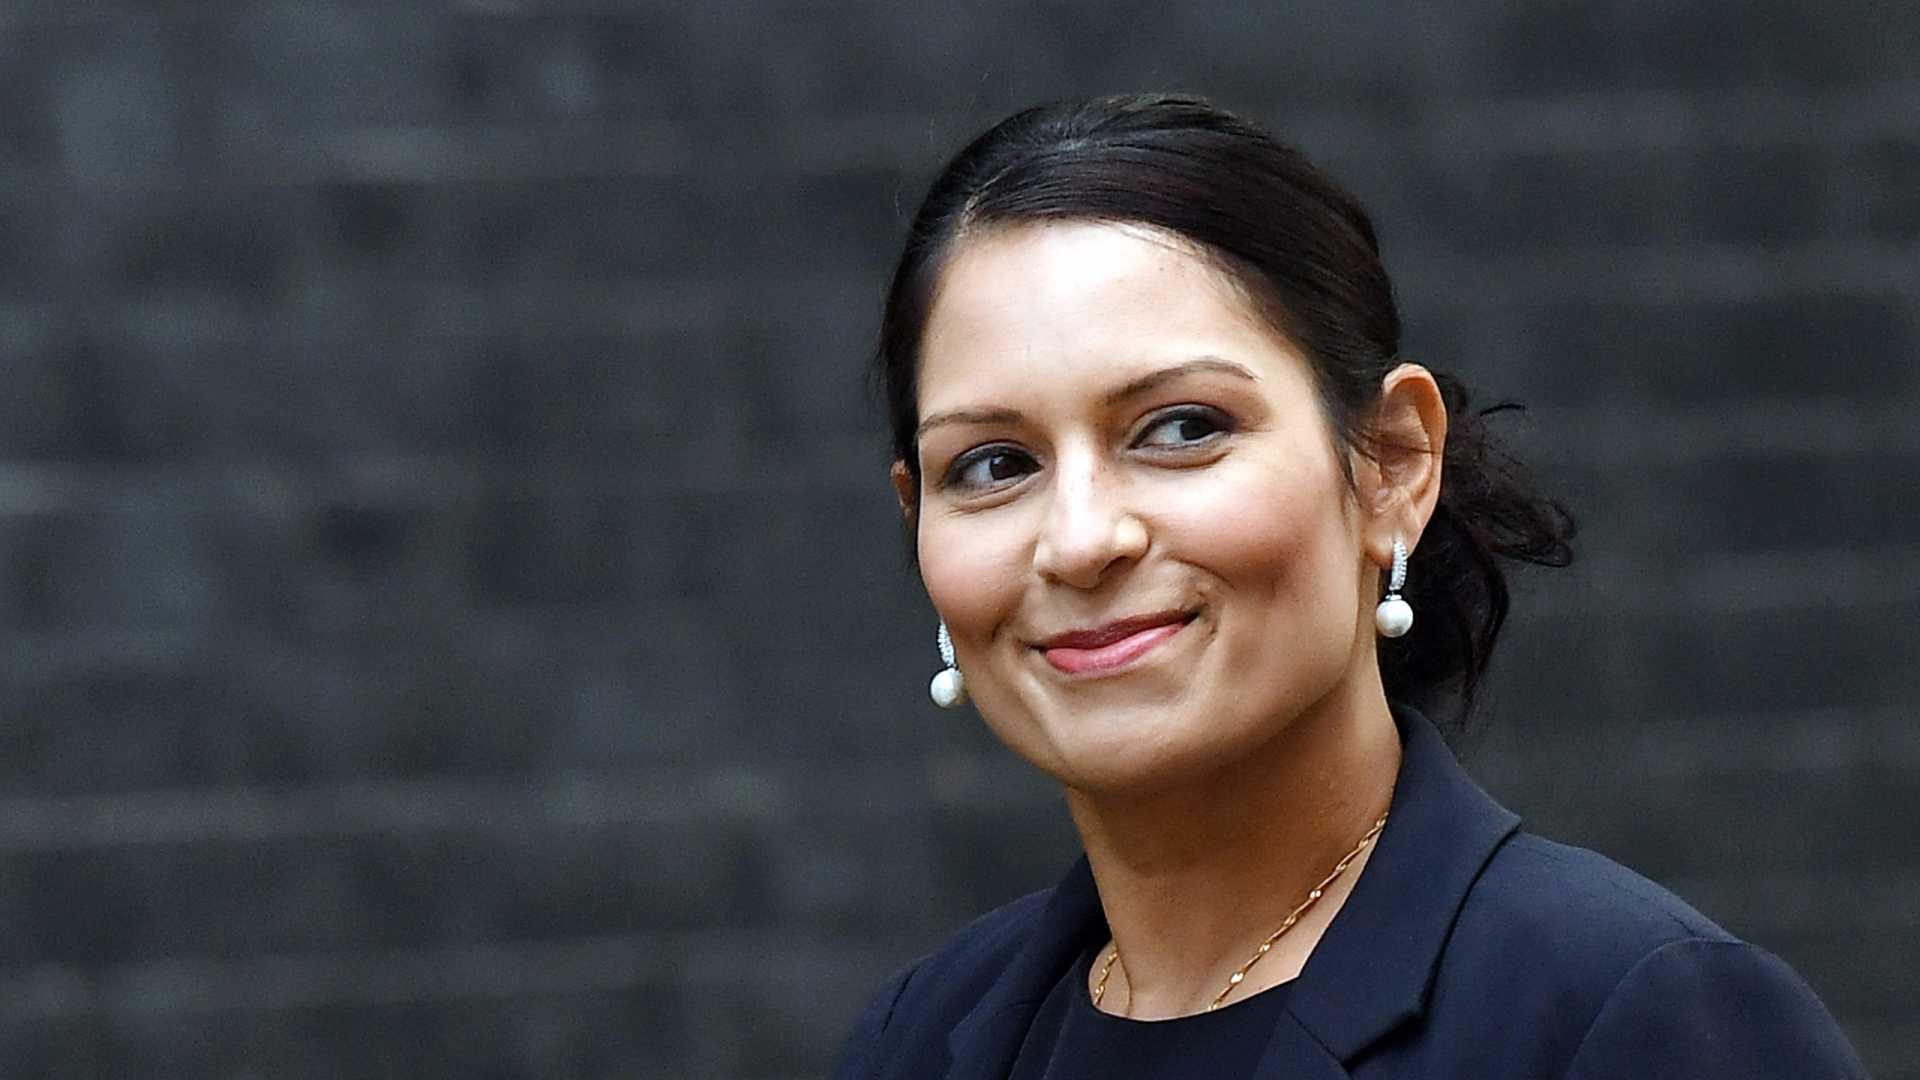 Ministra britânica demitiu-se após reuniões secretas com Governo israelita